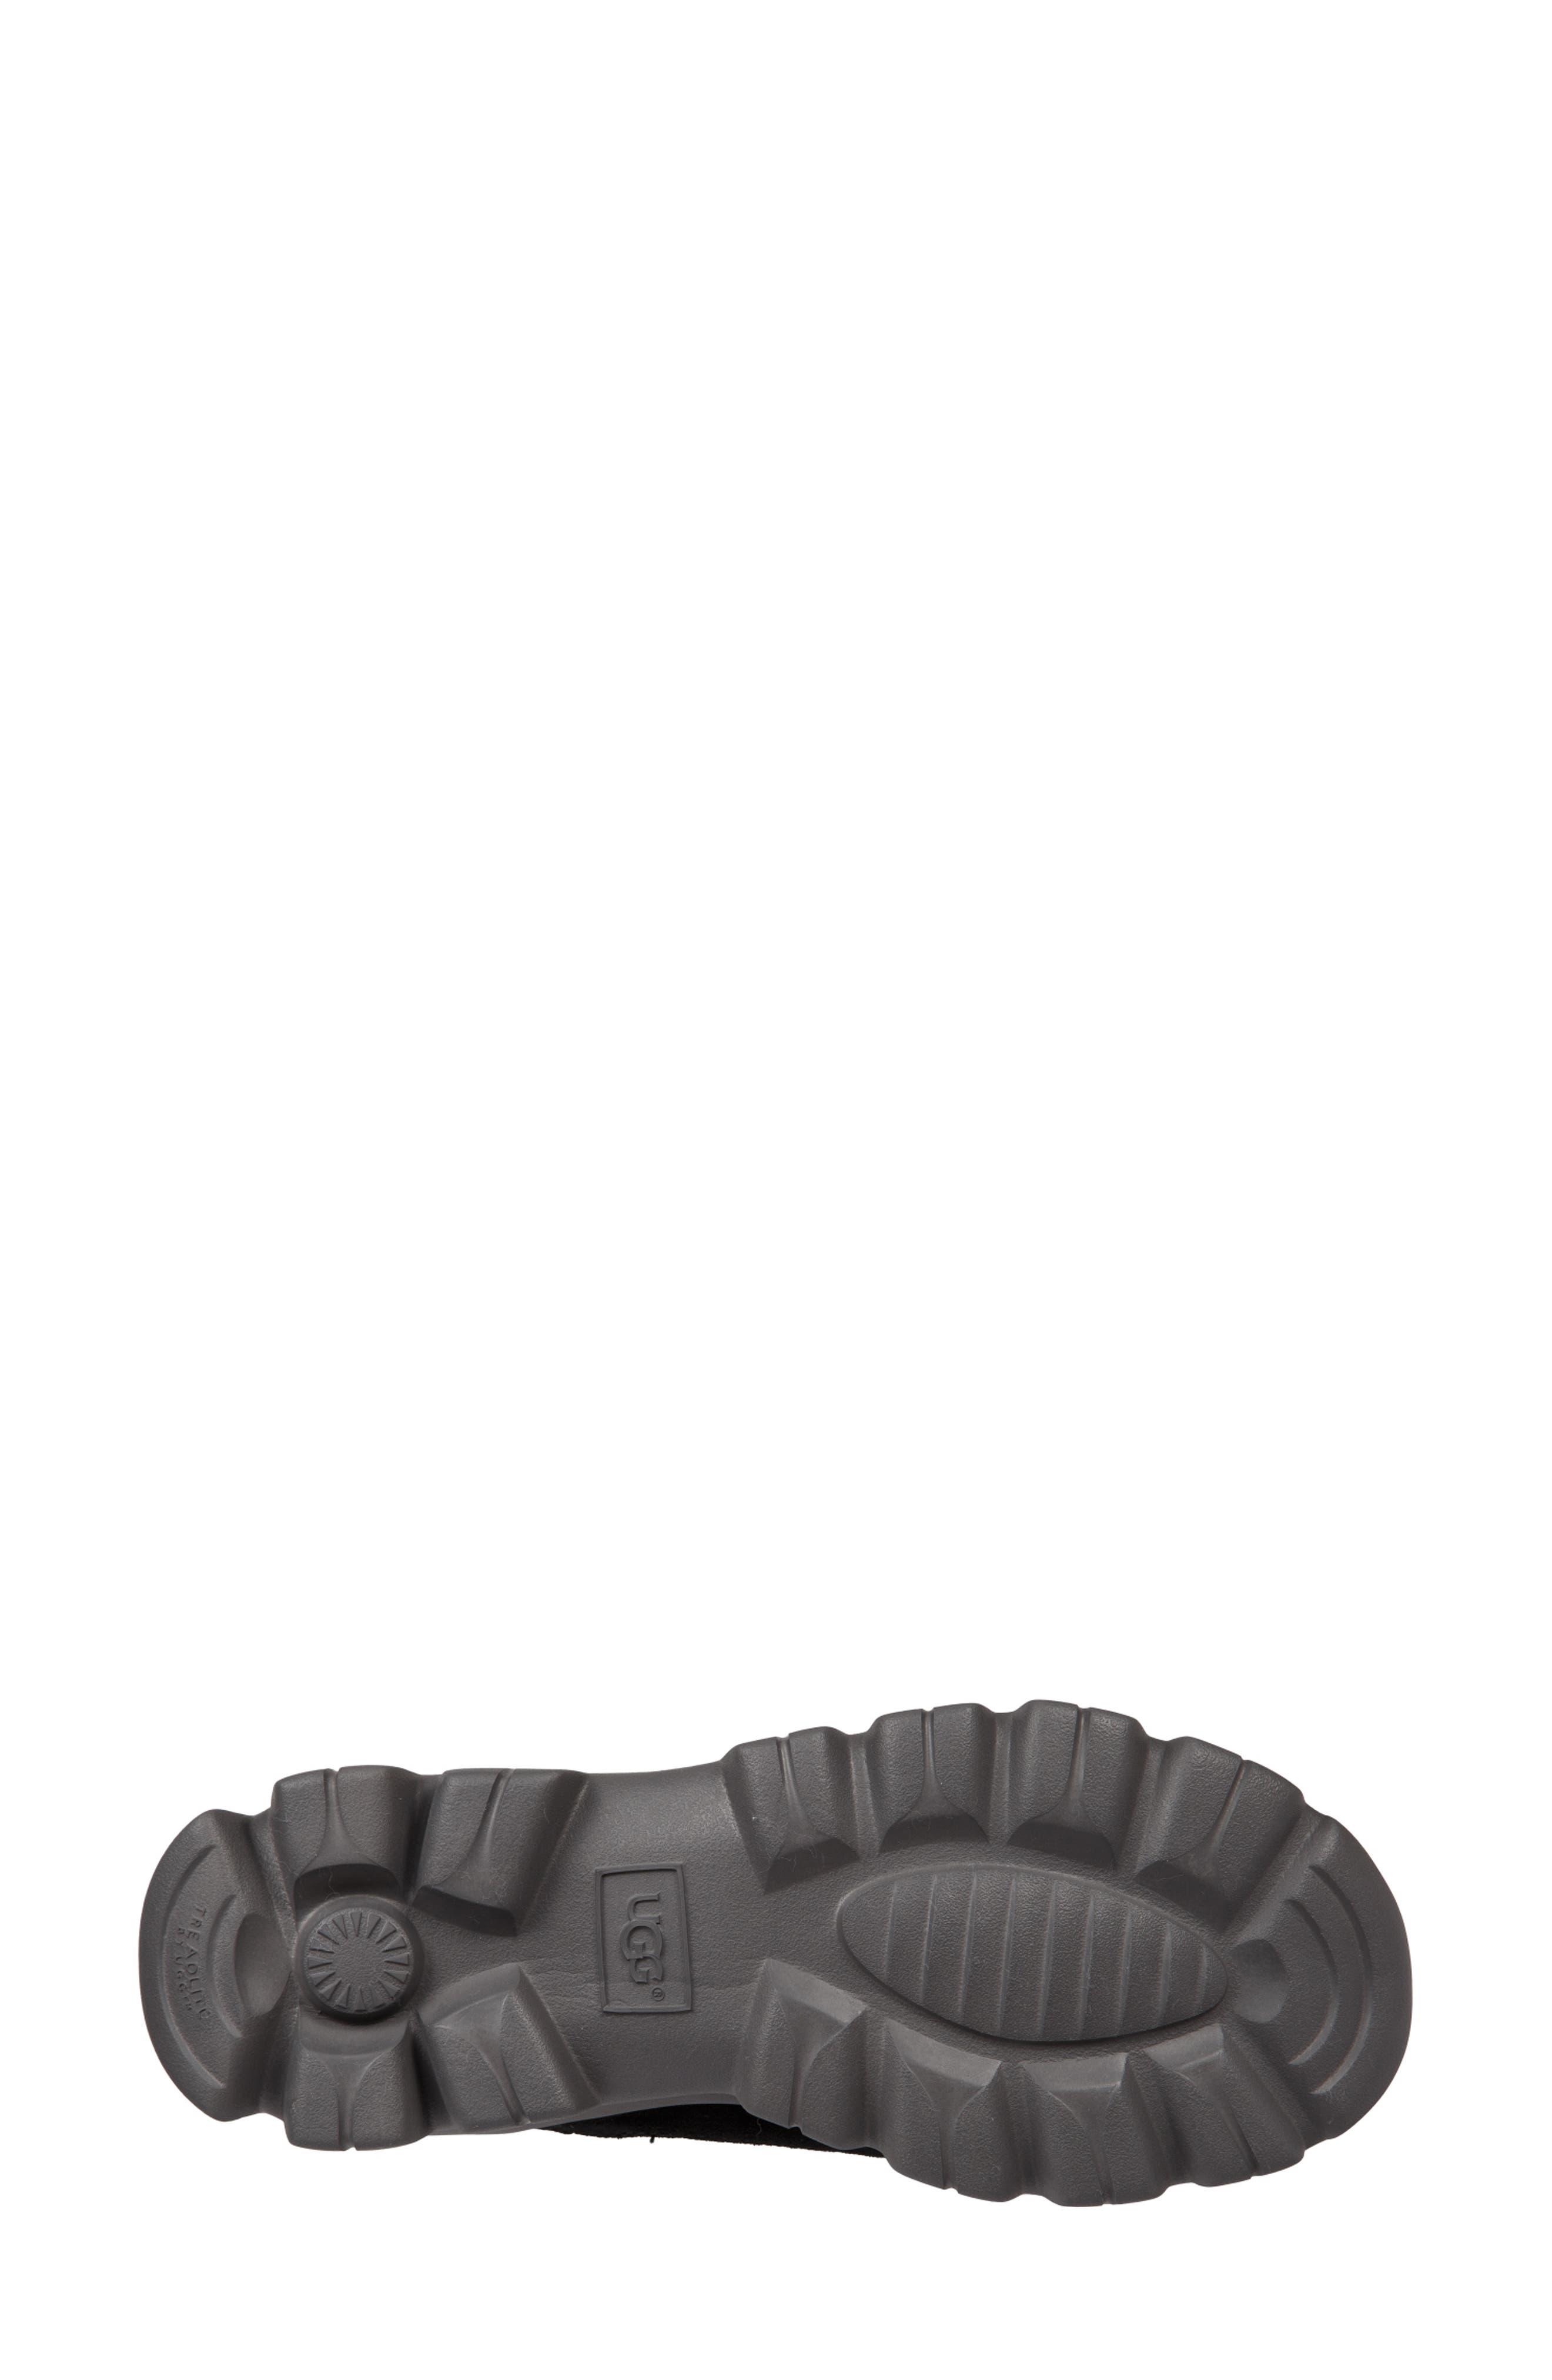 Palomar Waterproof Sneaker Bootie,                             Alternate thumbnail 5, color,                             BLACK/ CHARCOAL SUEDE